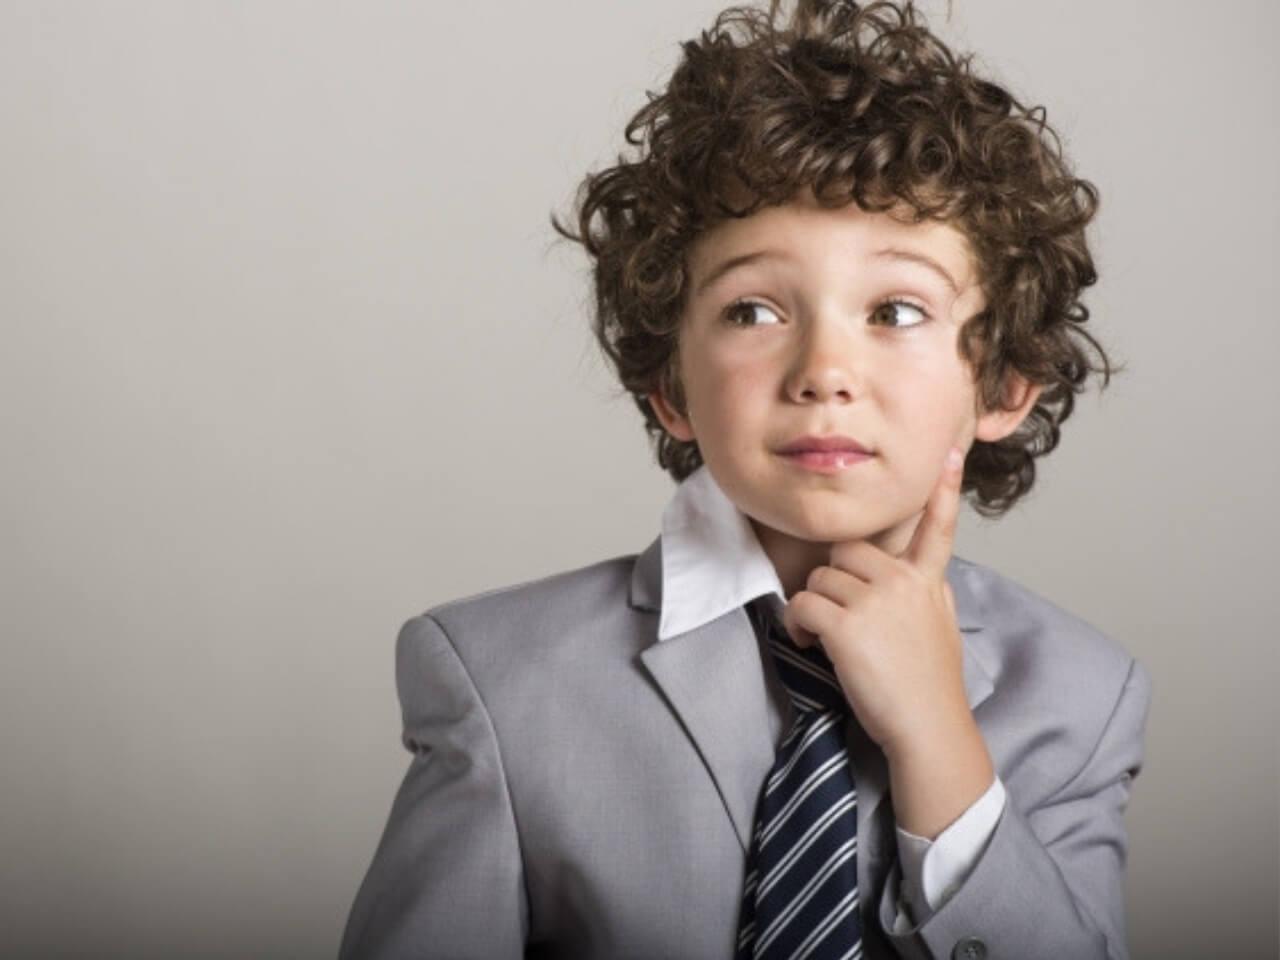 大人っぽい服装と雰囲気の少年